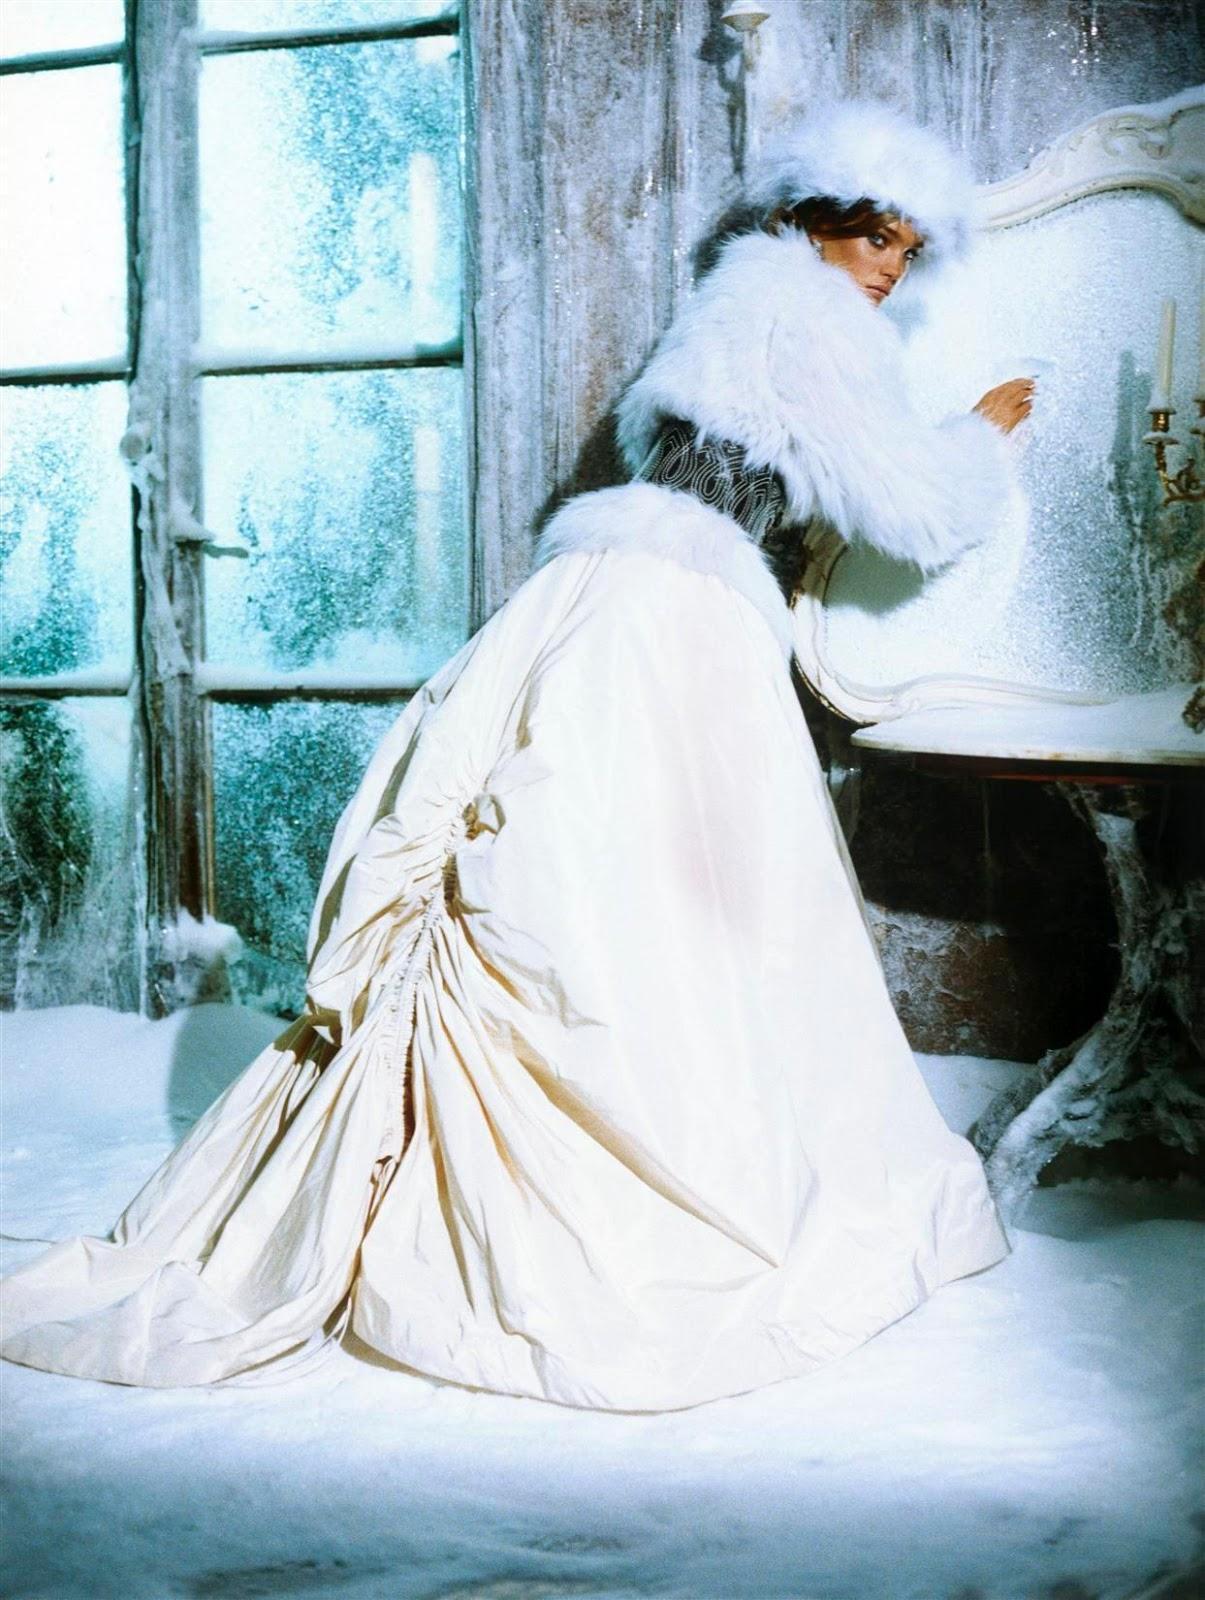 http://2.bp.blogspot.com/-DeSdzFmB1oQ/UNQkZOMIofI/AAAAAAAAzVQ/baxKpujEL0Q/s1600/The_Splendid_Allure010.jpeg